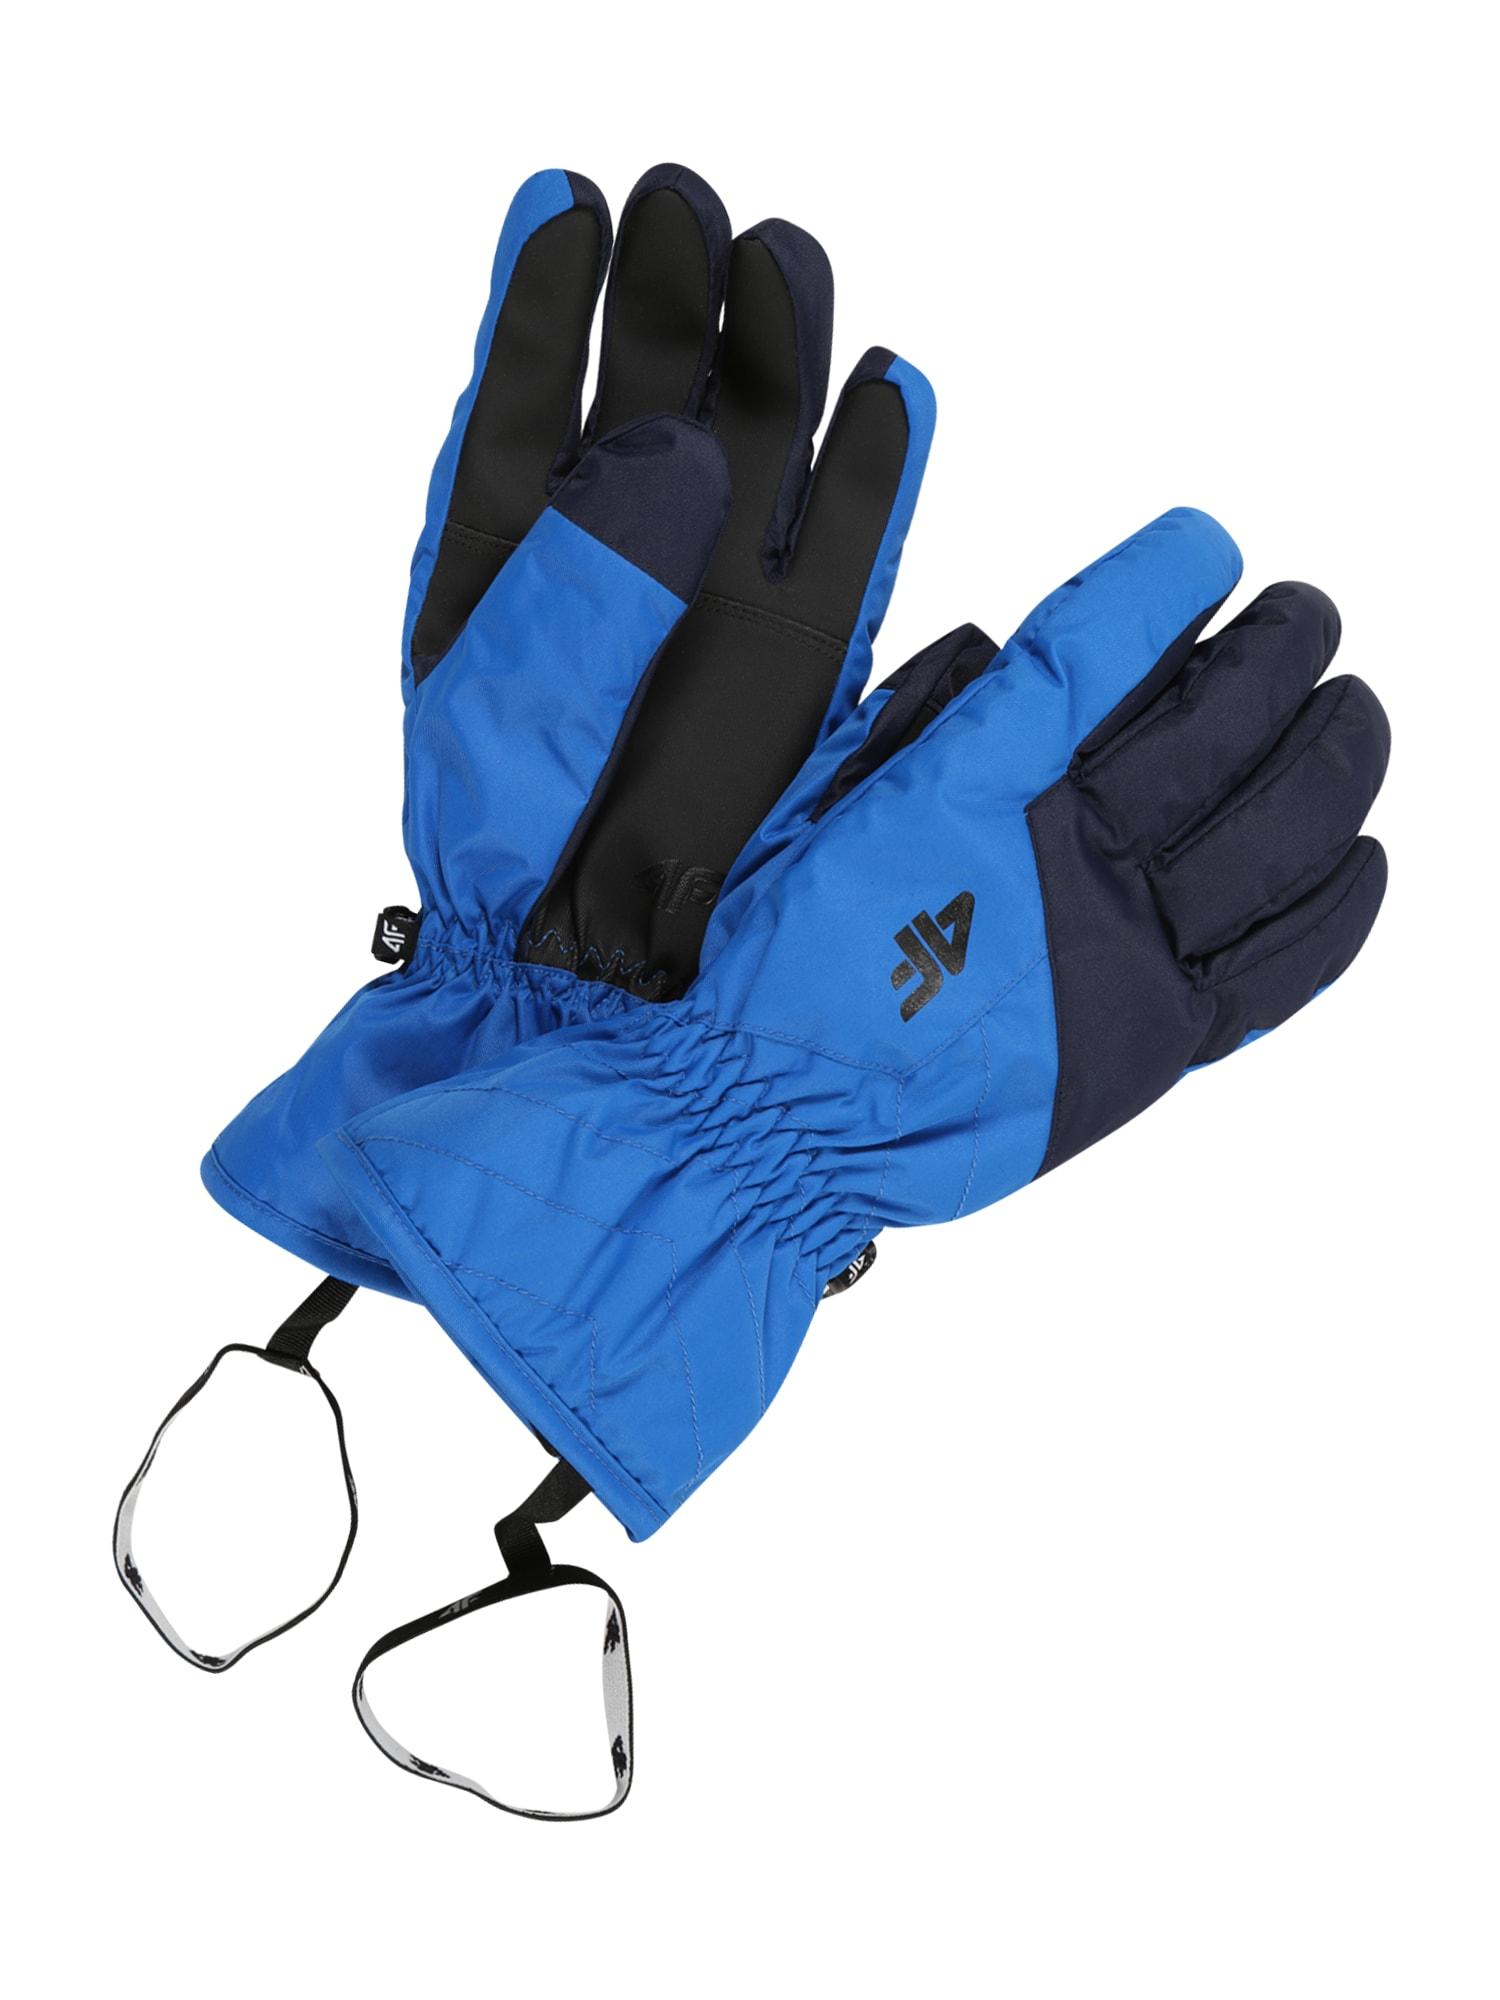 4F Sportinės pirštinės mėlyna / juoda